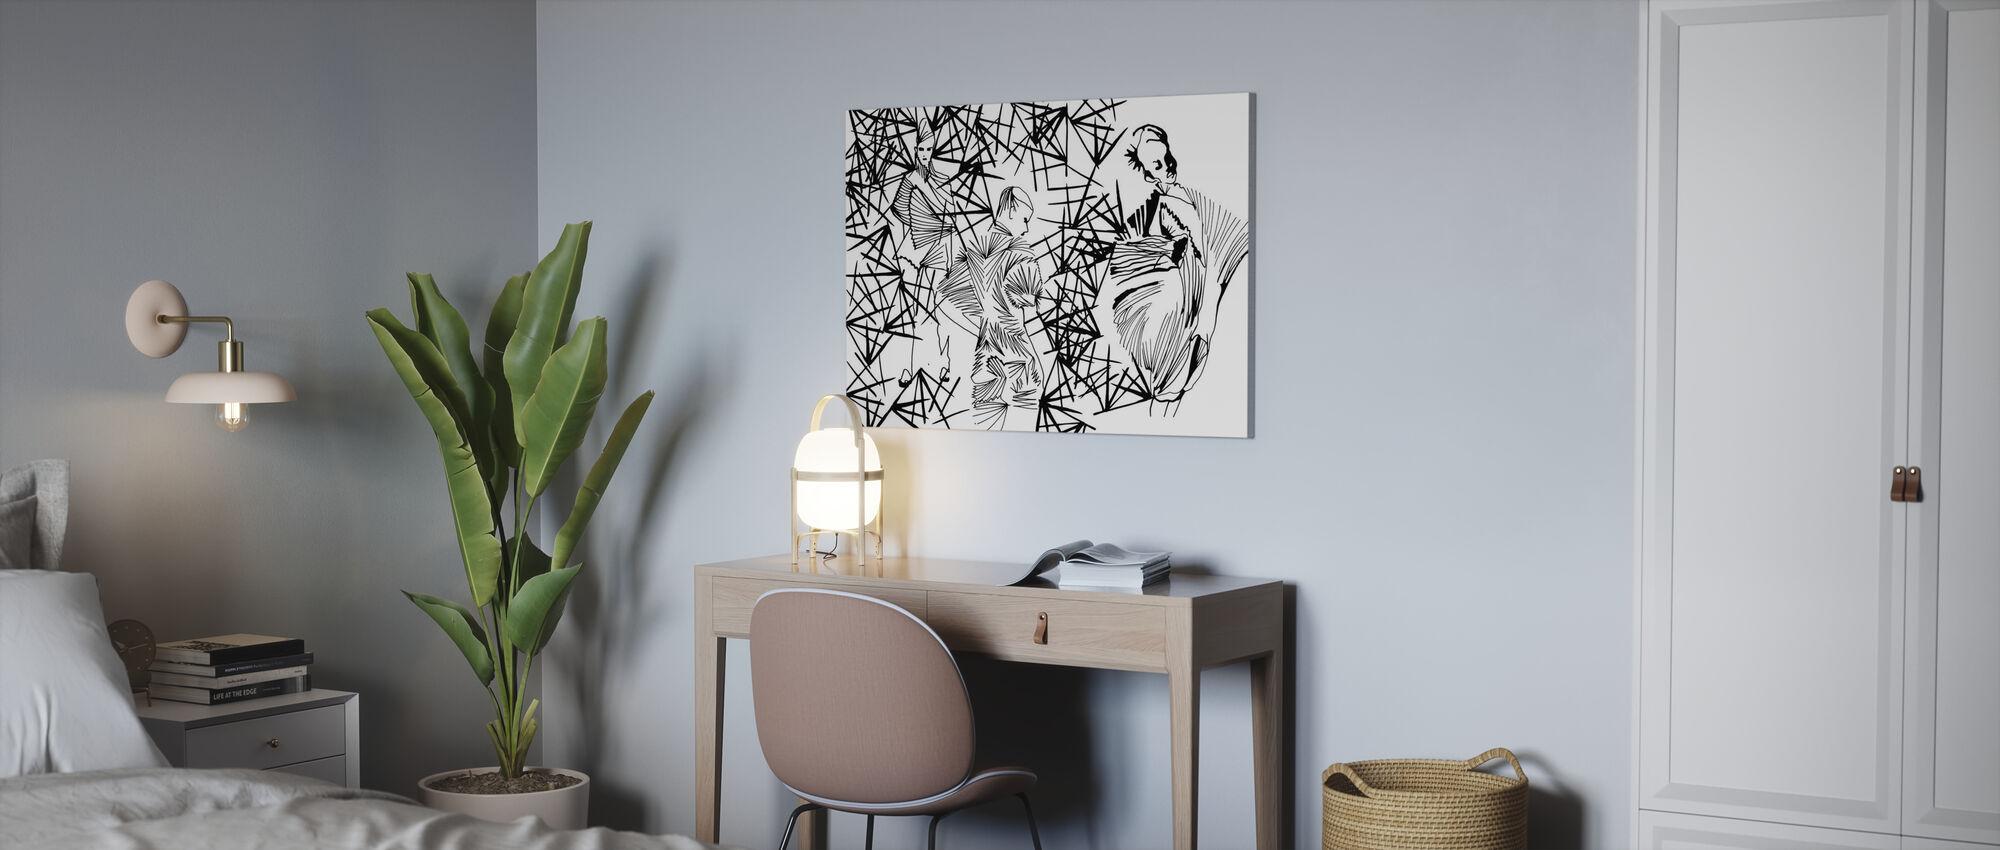 Geplooide schoonheid - Canvas print - Kantoor